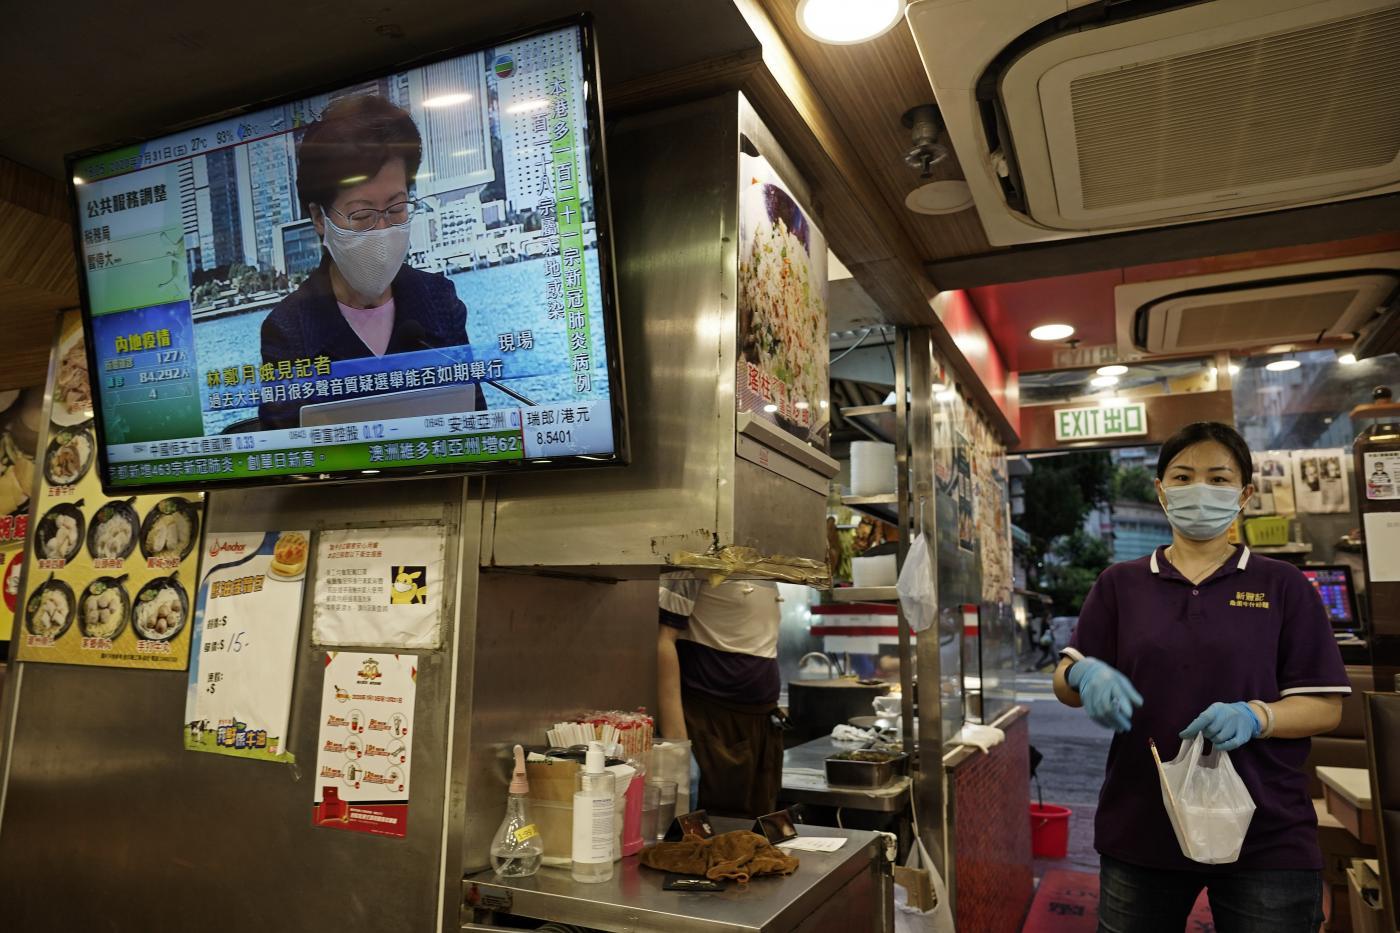 Hong Kong rinvia le elezioni, esclude l'opposizione e vuole arrestare gli attivisti